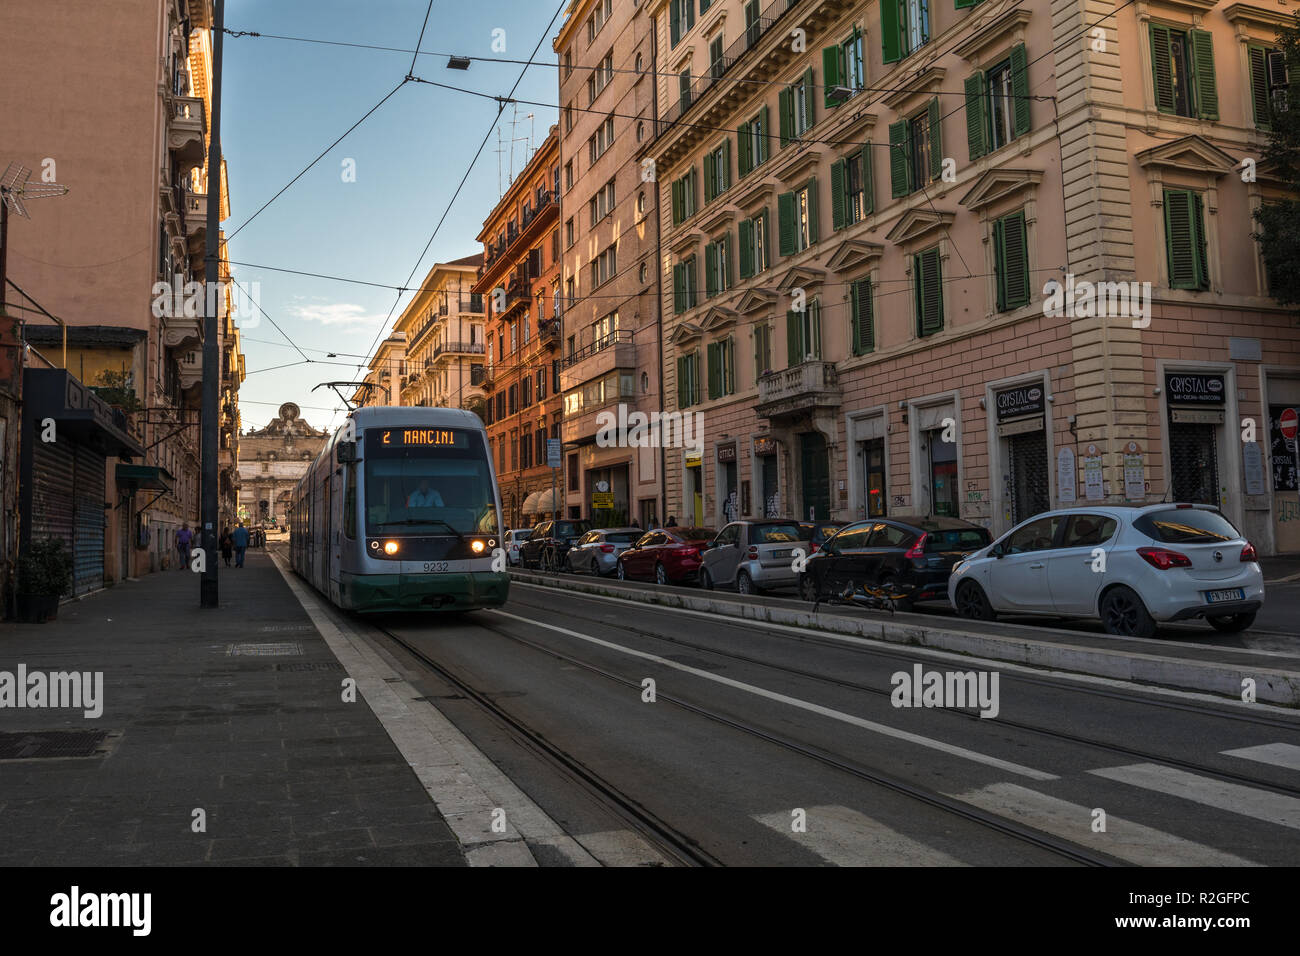 11/09/2018 - Roma, Italia: domenica pomeriggio nel centro della città, su strada con mezzi di trasporto ATAC che porta a Piazzale Flaminio e Piazza del Popolo. Immagini Stock